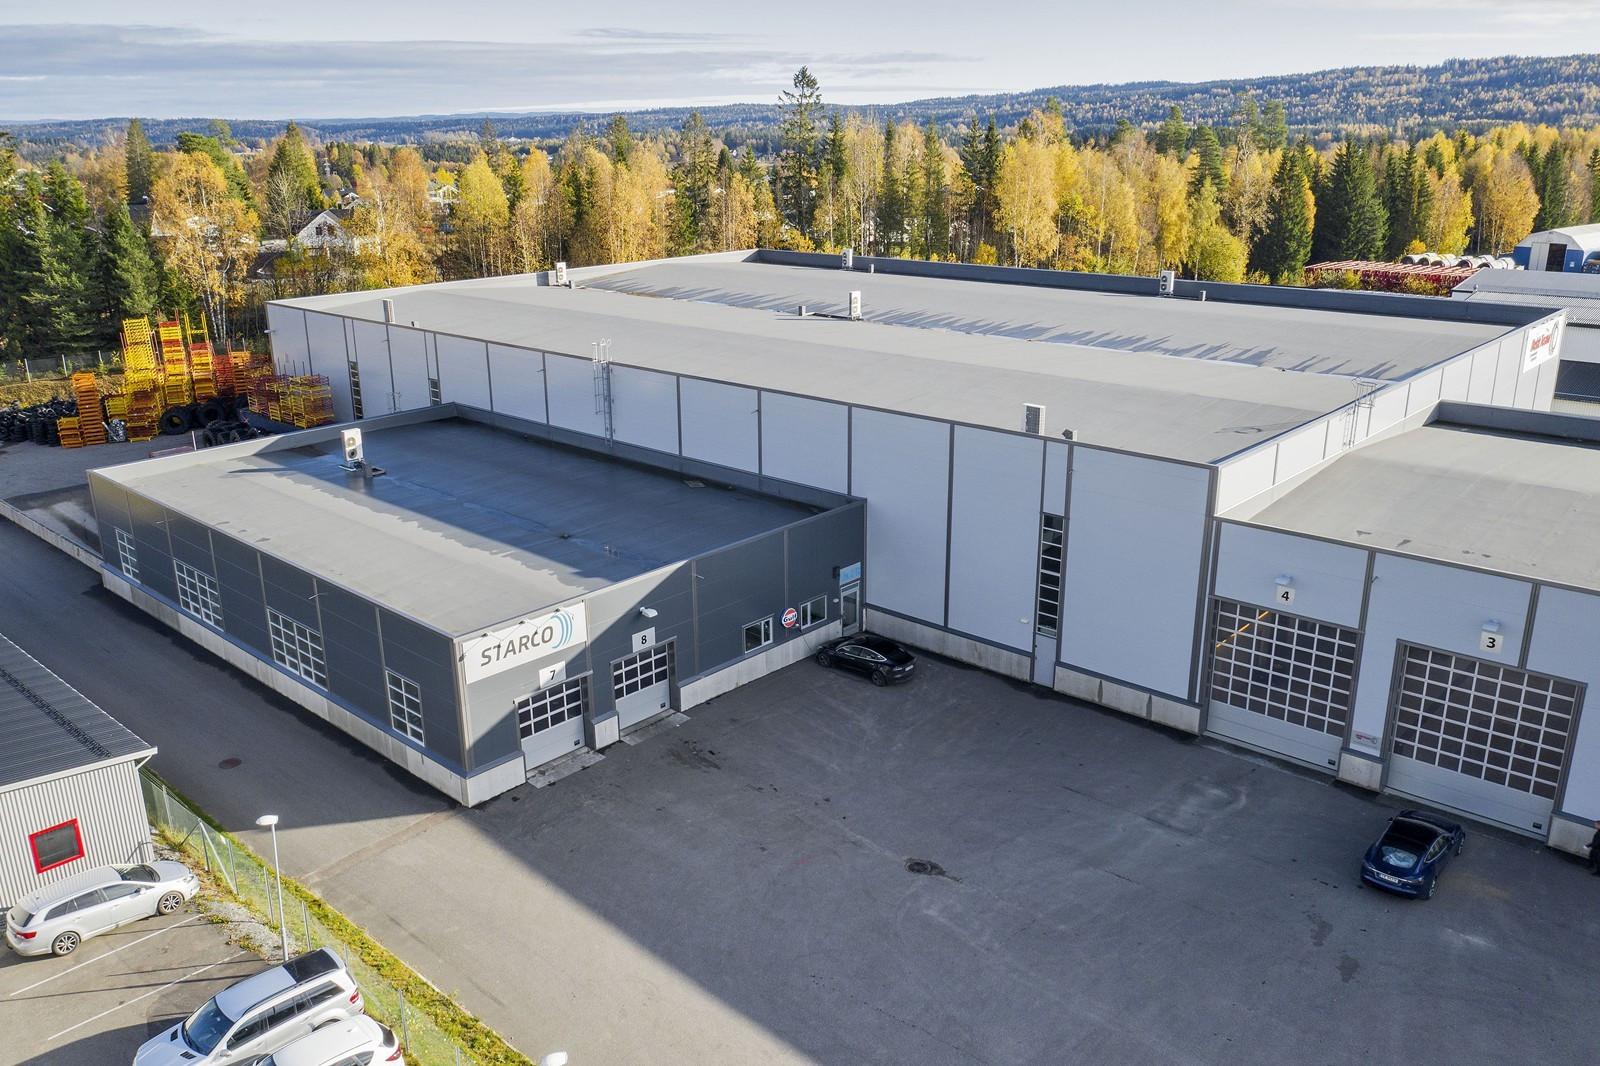 Innkjøring til lager via 2 stk. kjøreporter til varemottak/utlevering